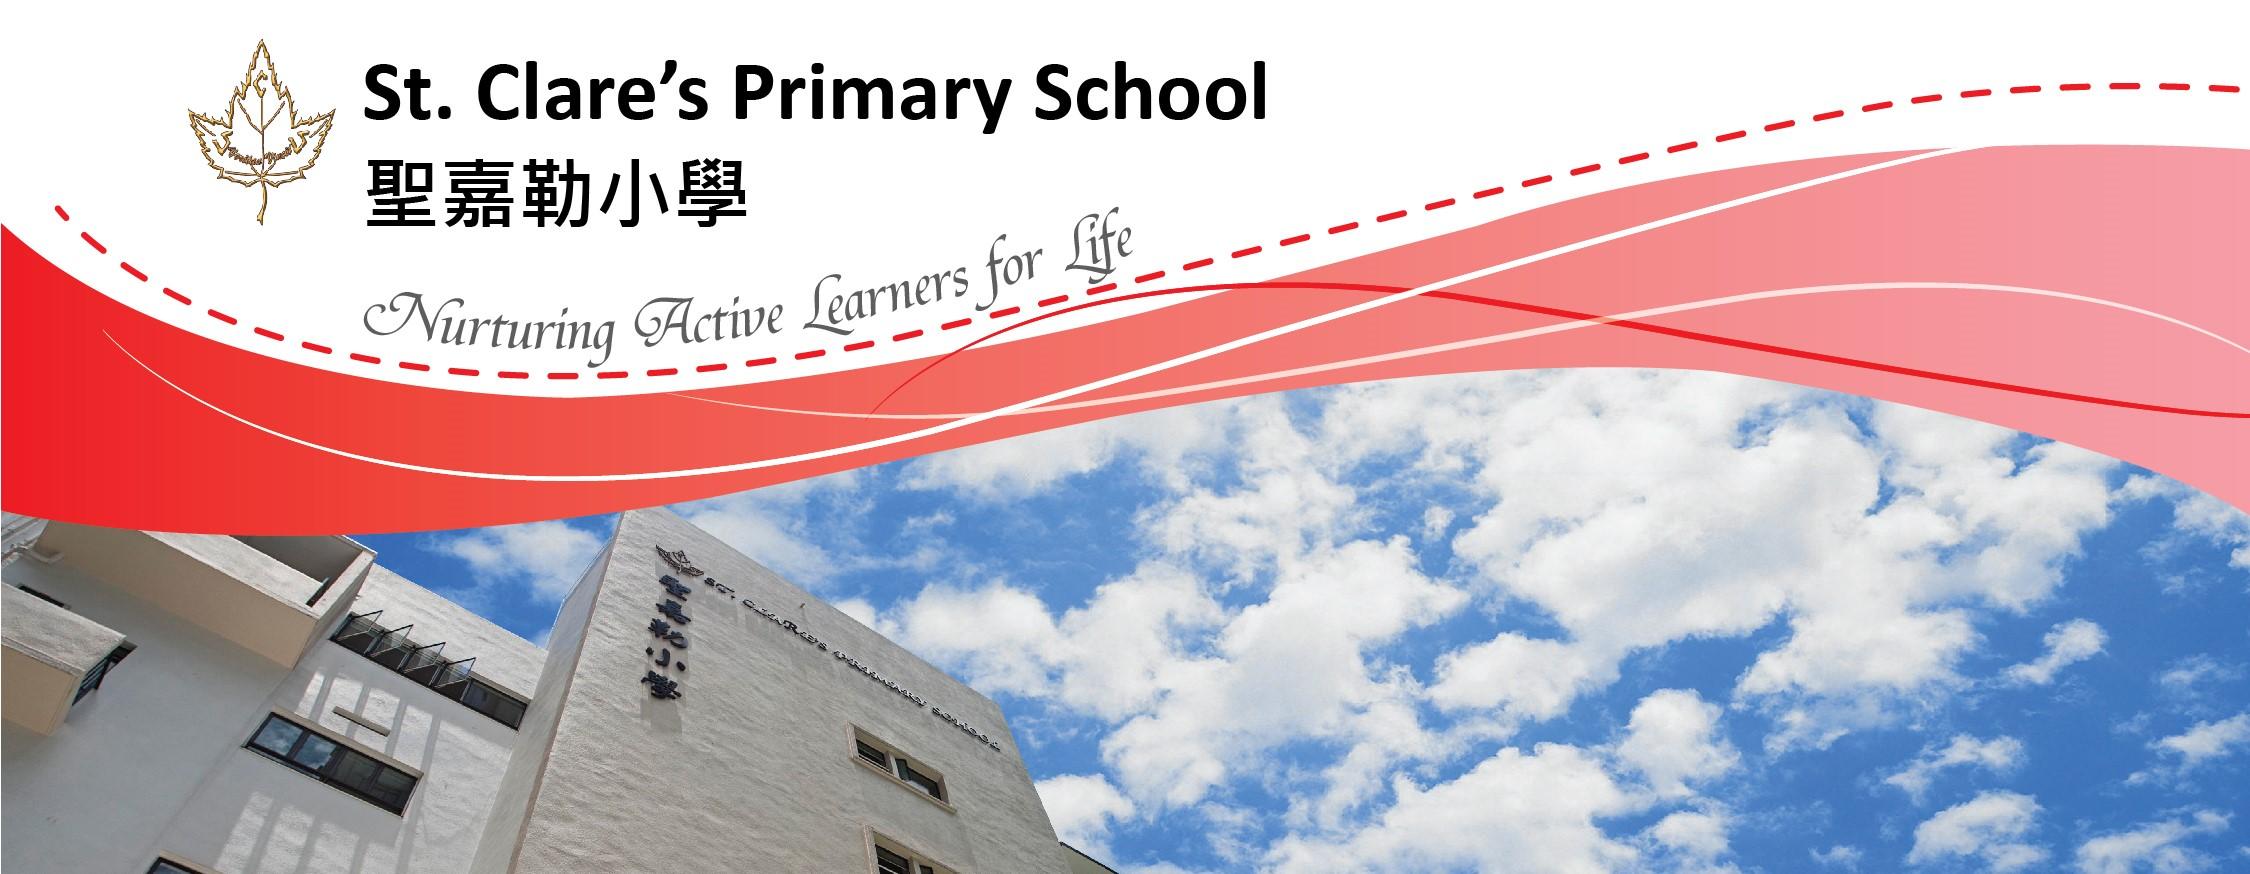 St. Clare's Primary School